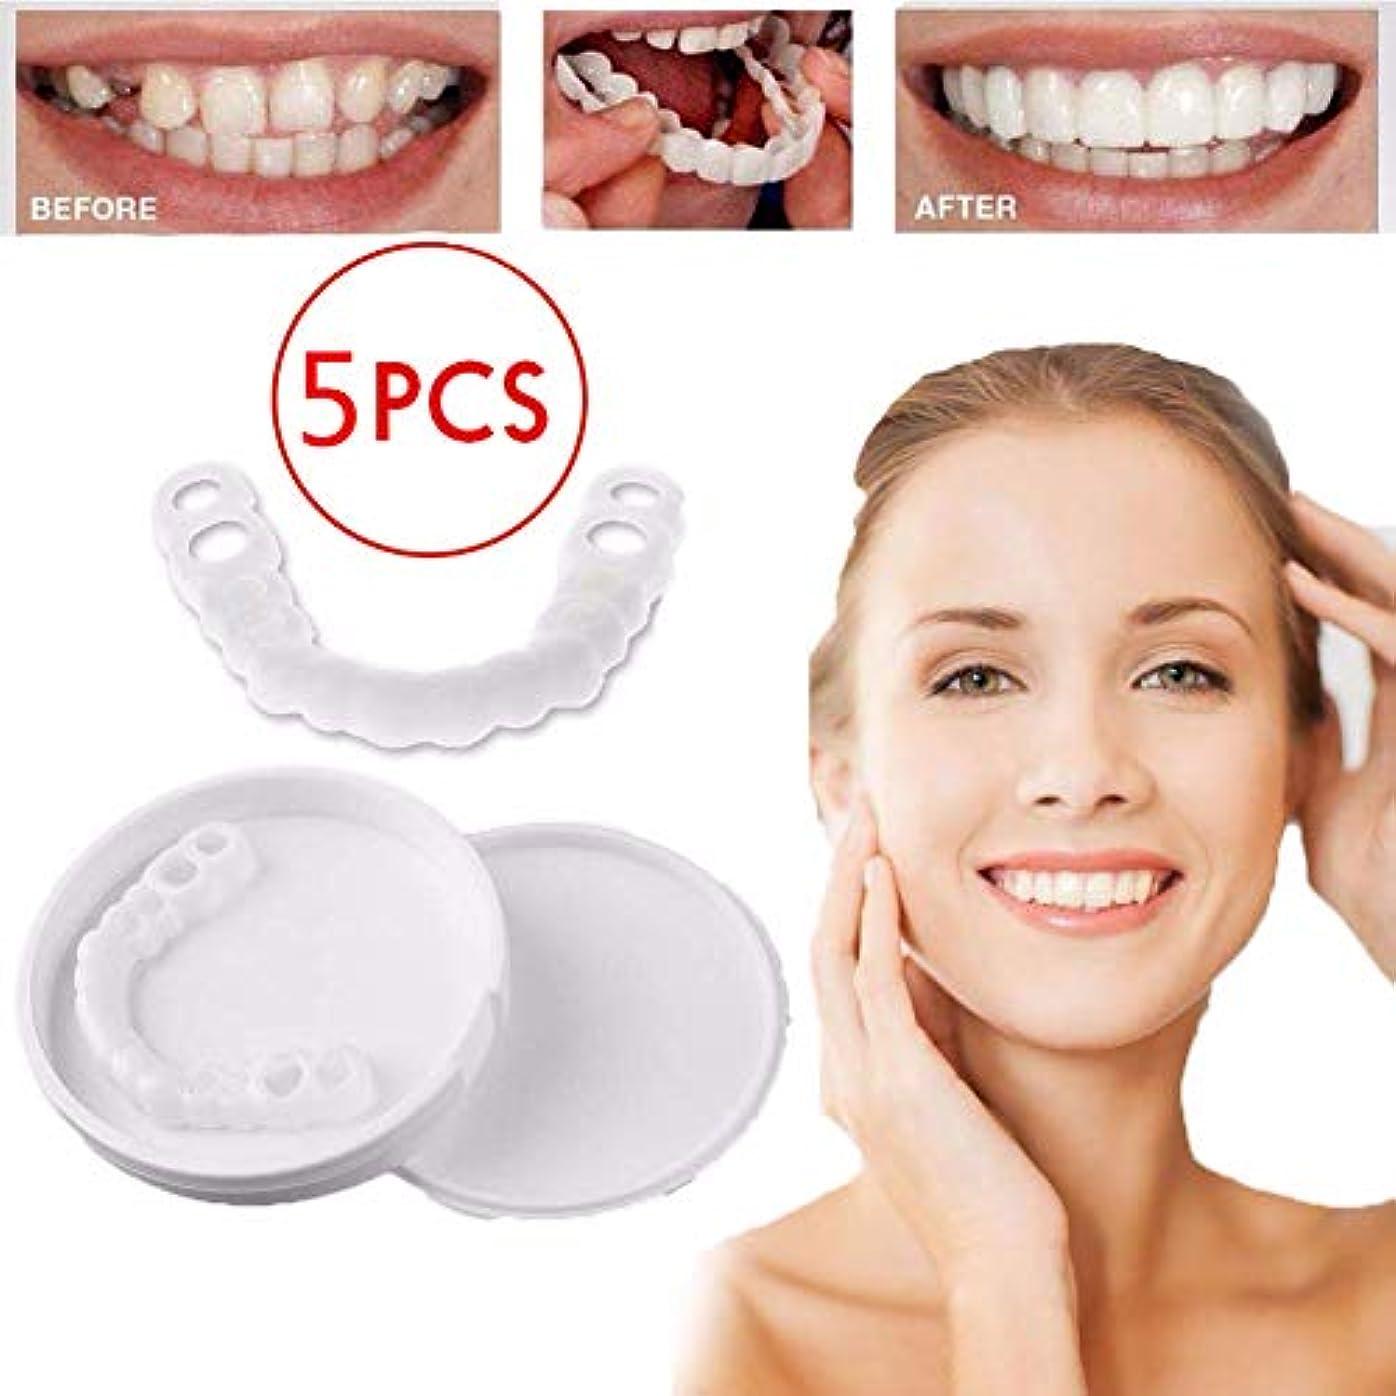 福祉興奮するラグインスタント快適なフレックスパーフェクトベニアの歯のスナップキャップを白くする6個の一時的な歯,5pcslowerteeth